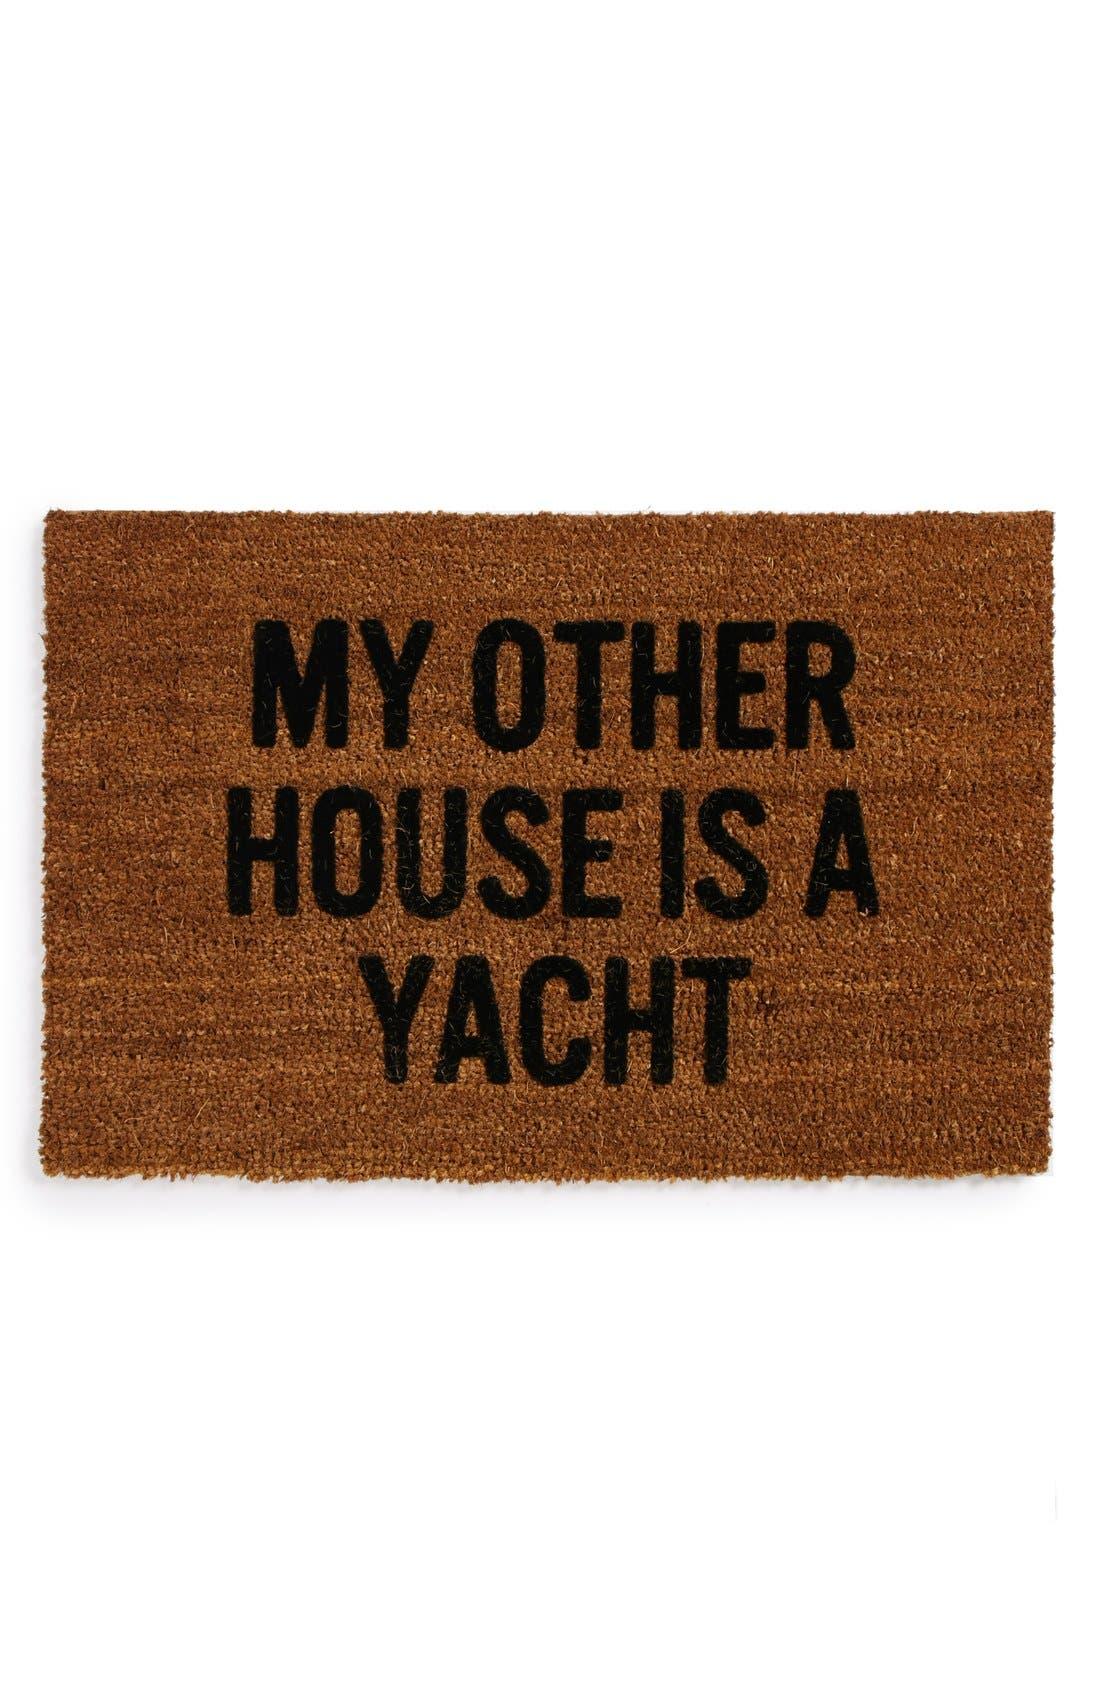 Main Image - Reed Wilson Design 'Yacht' Doormat